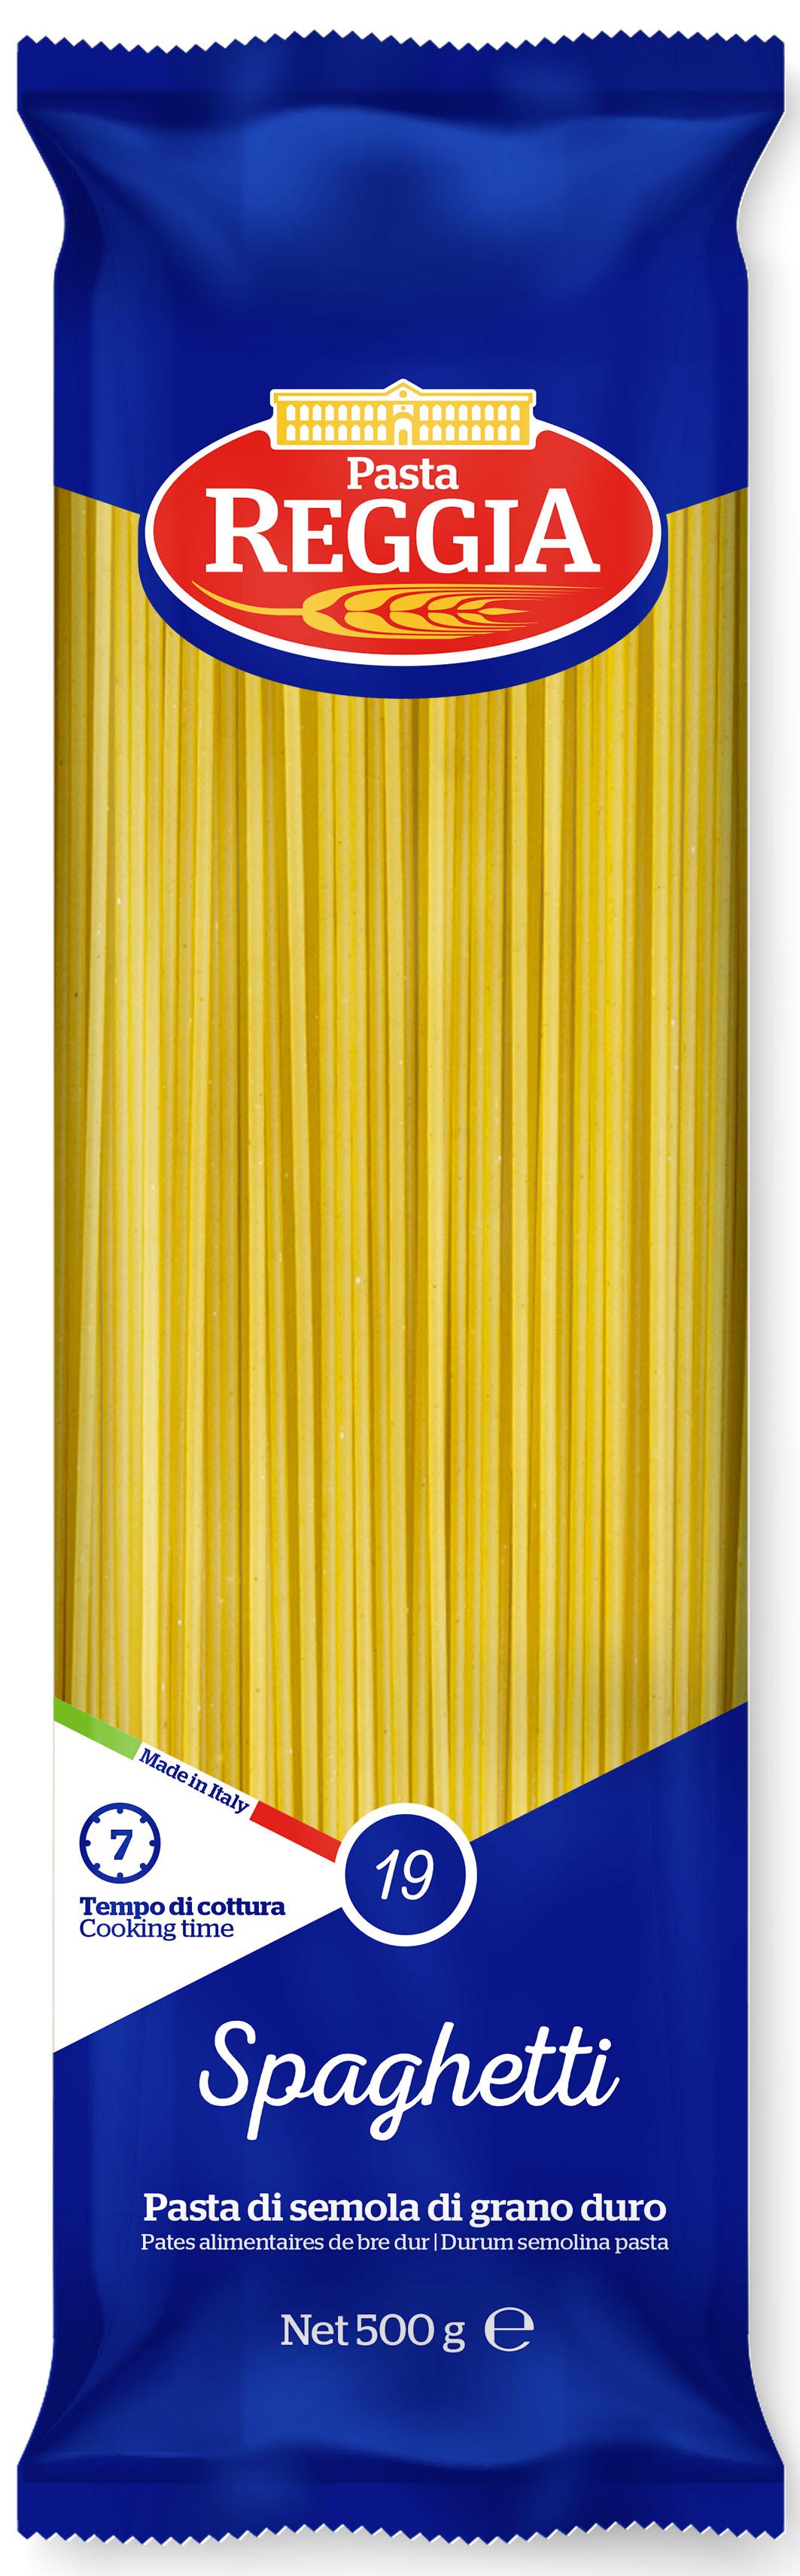 Макаронные изделия из твердых сортов пшеницы Spaghetti 500г Reggia